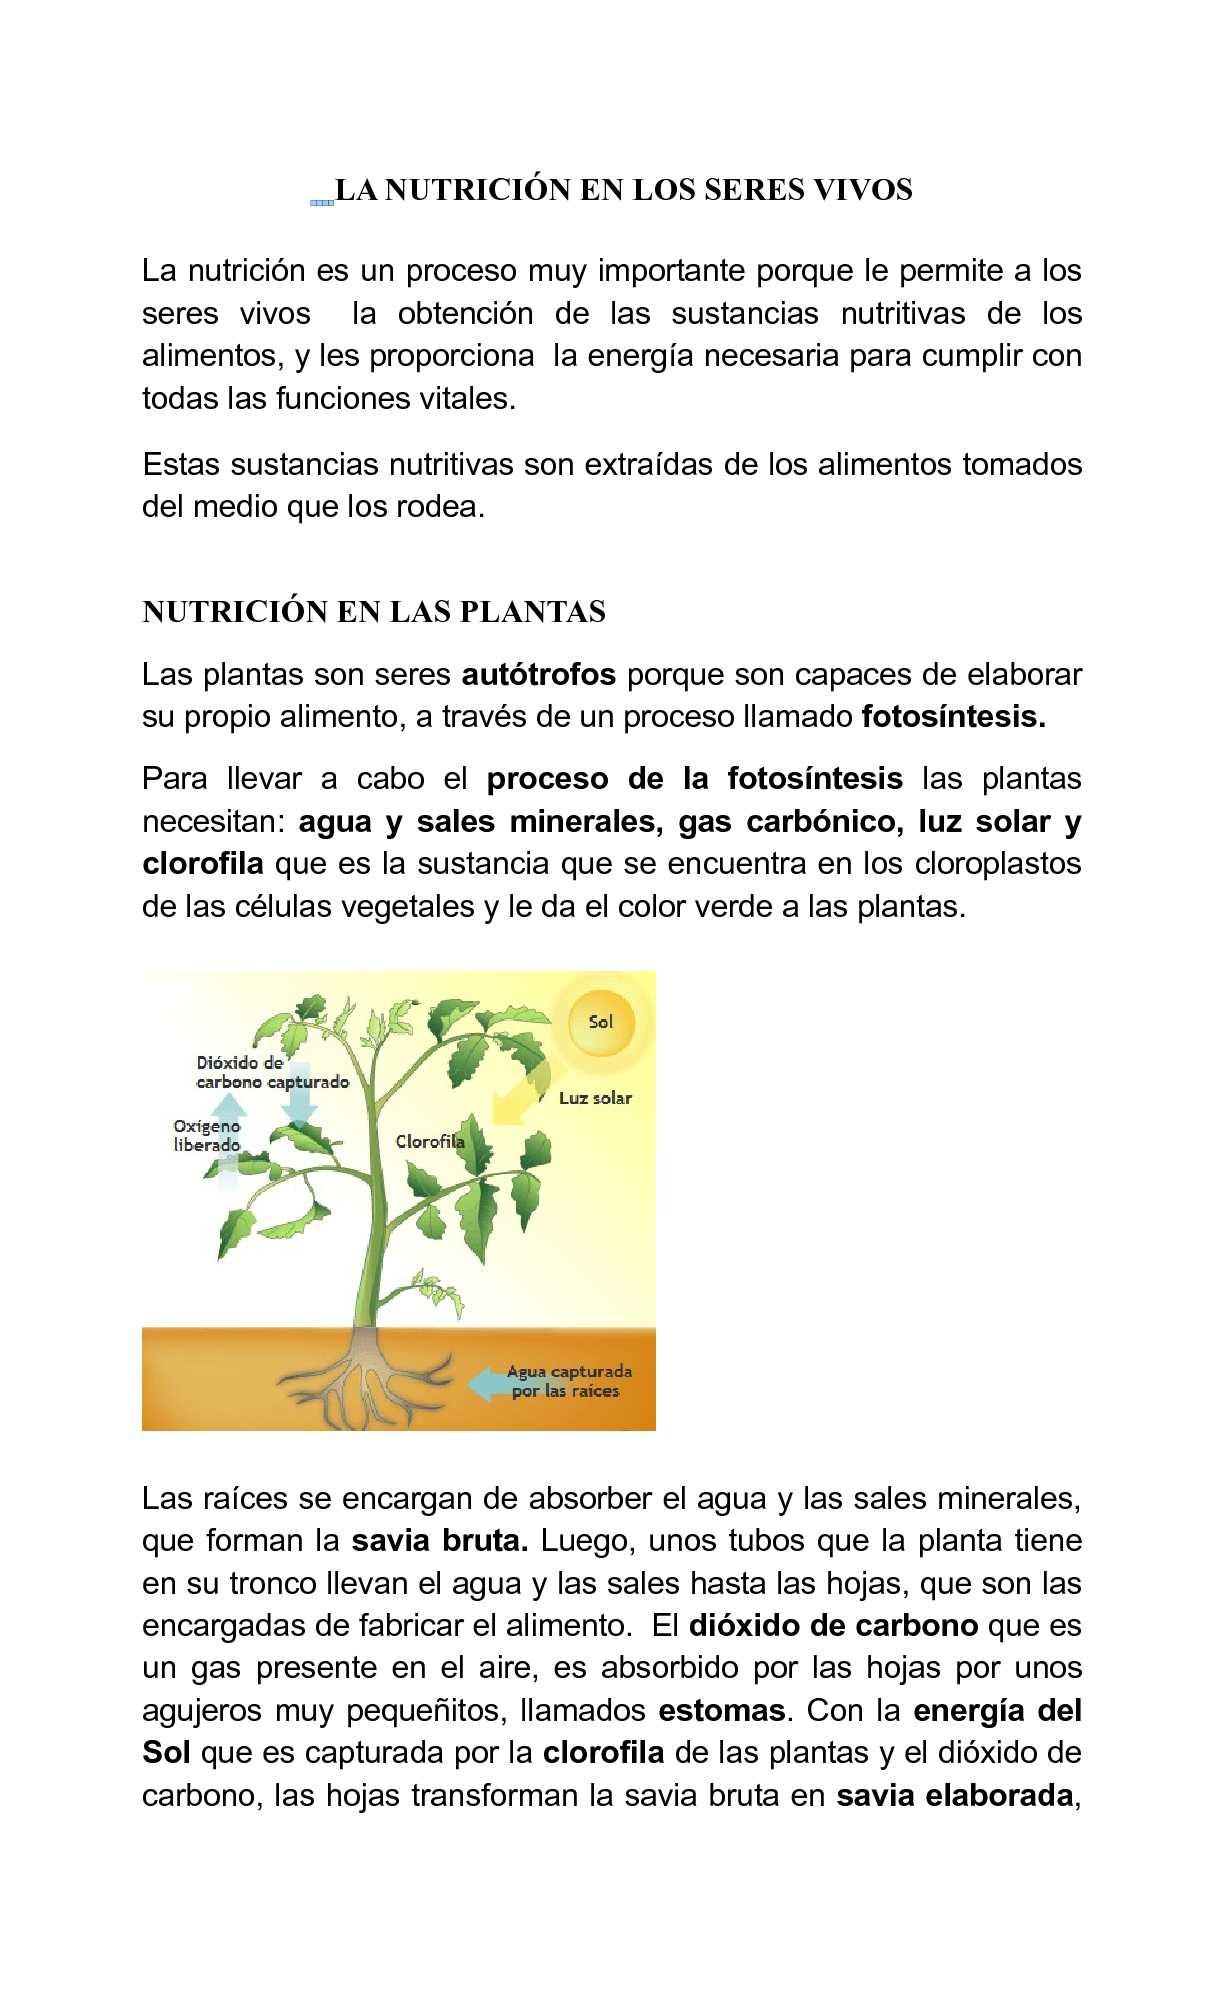 Calam o la nutrici n en los seres vivos for Porque son importantes los arboles wikipedia